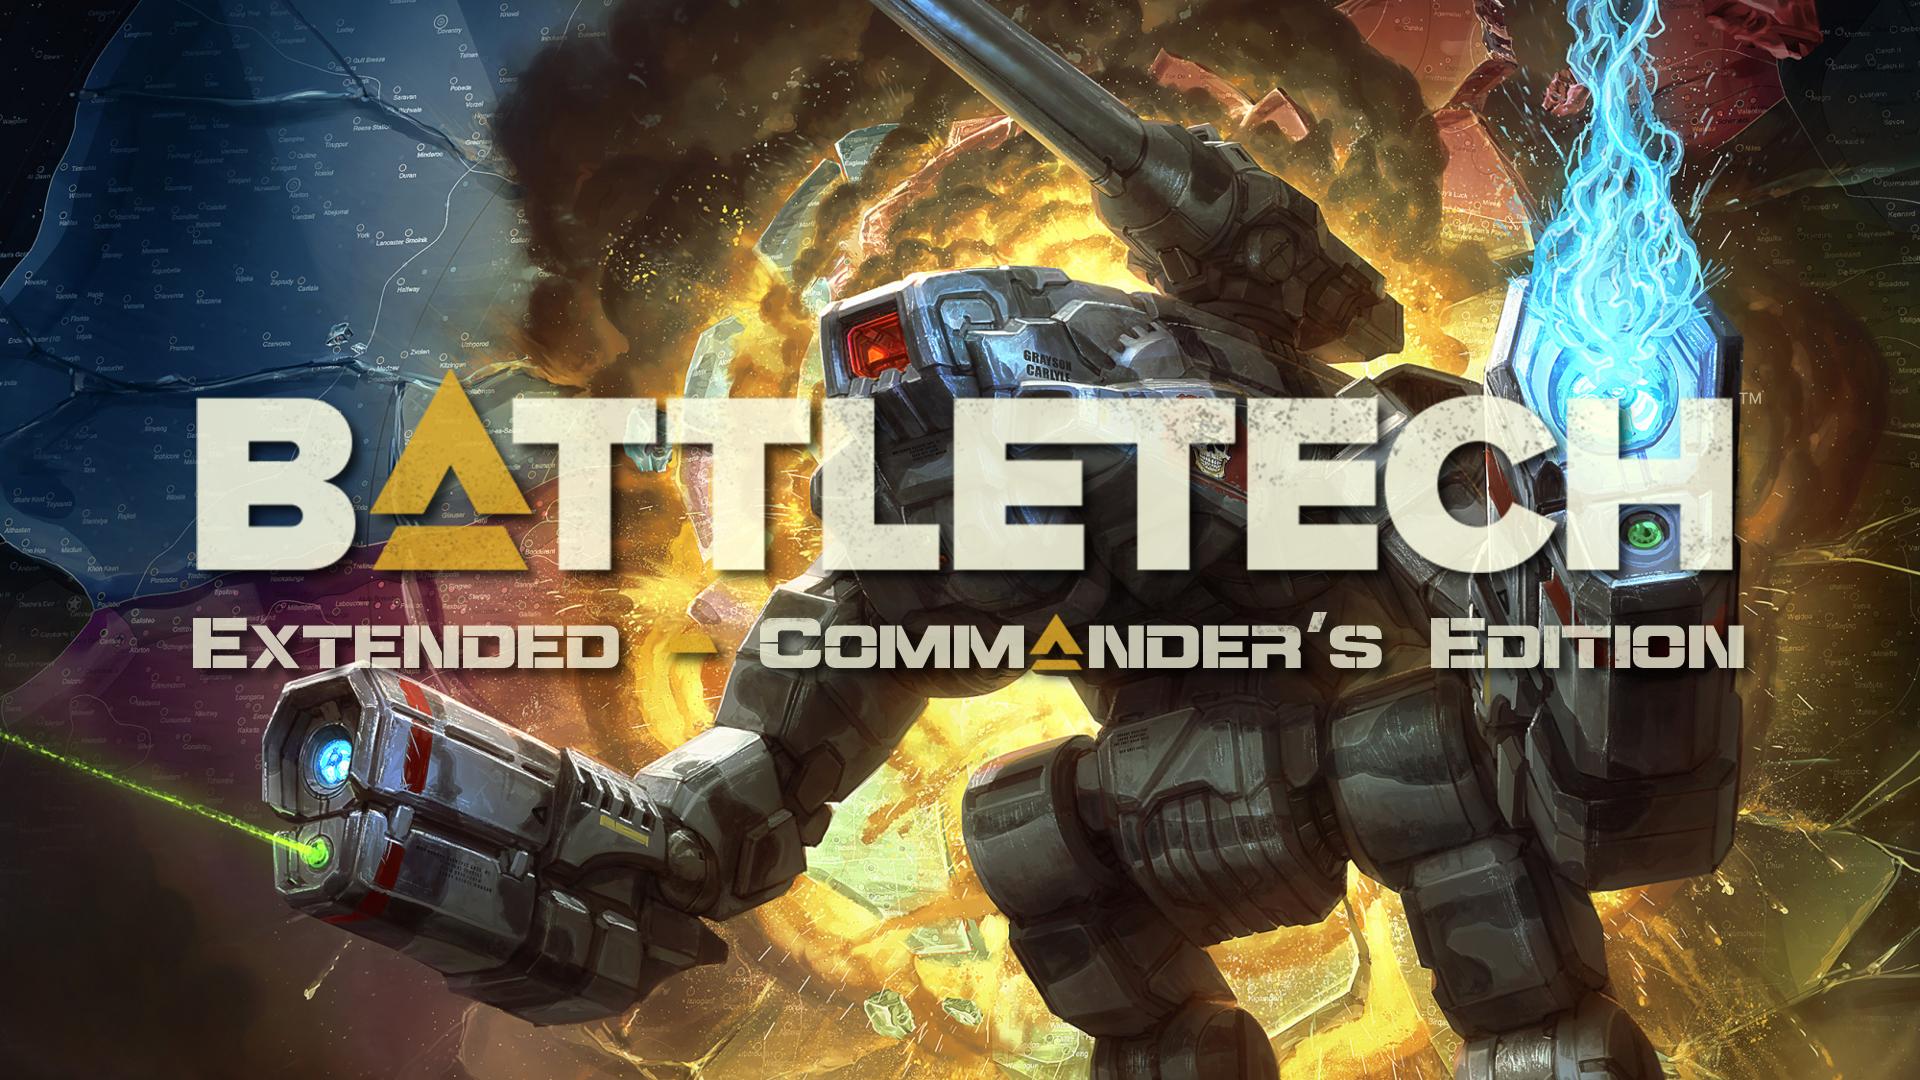 Battletech Extended 1.9.1.2 veröffentlicht